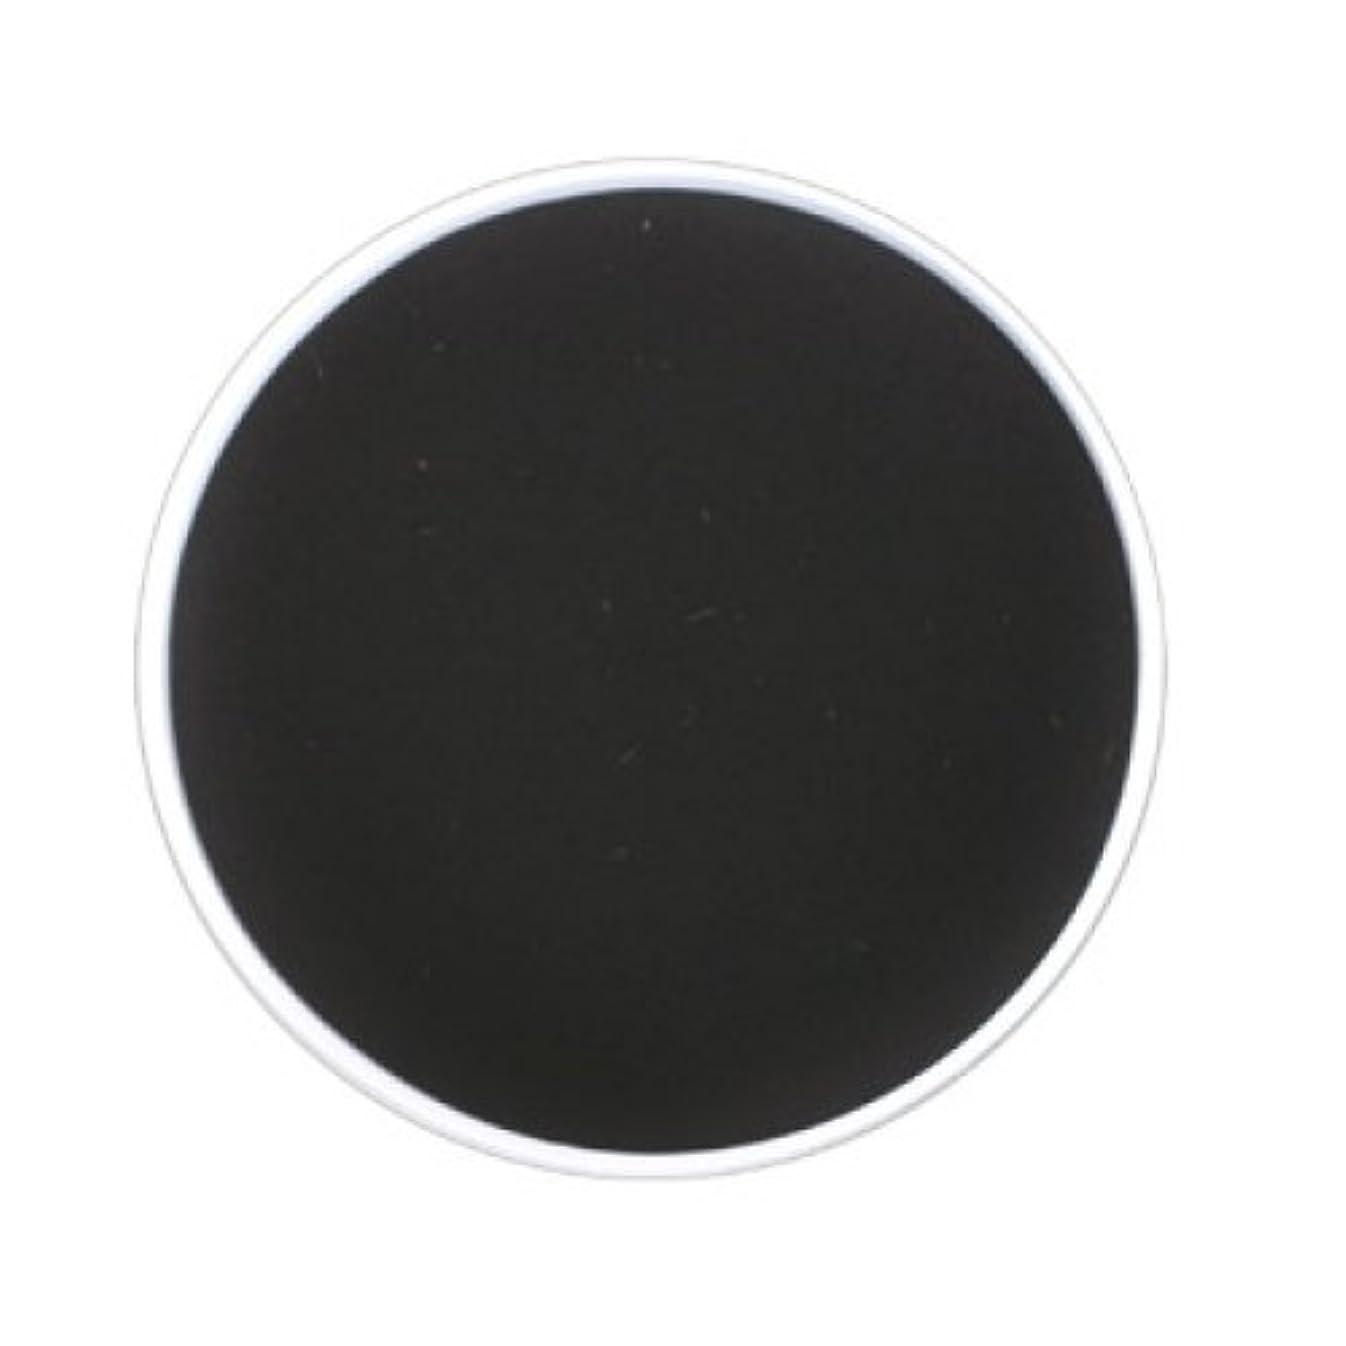 吸収するオーバーコートイディオムmehron Color Cups Face and Body Paint - Black (並行輸入品)